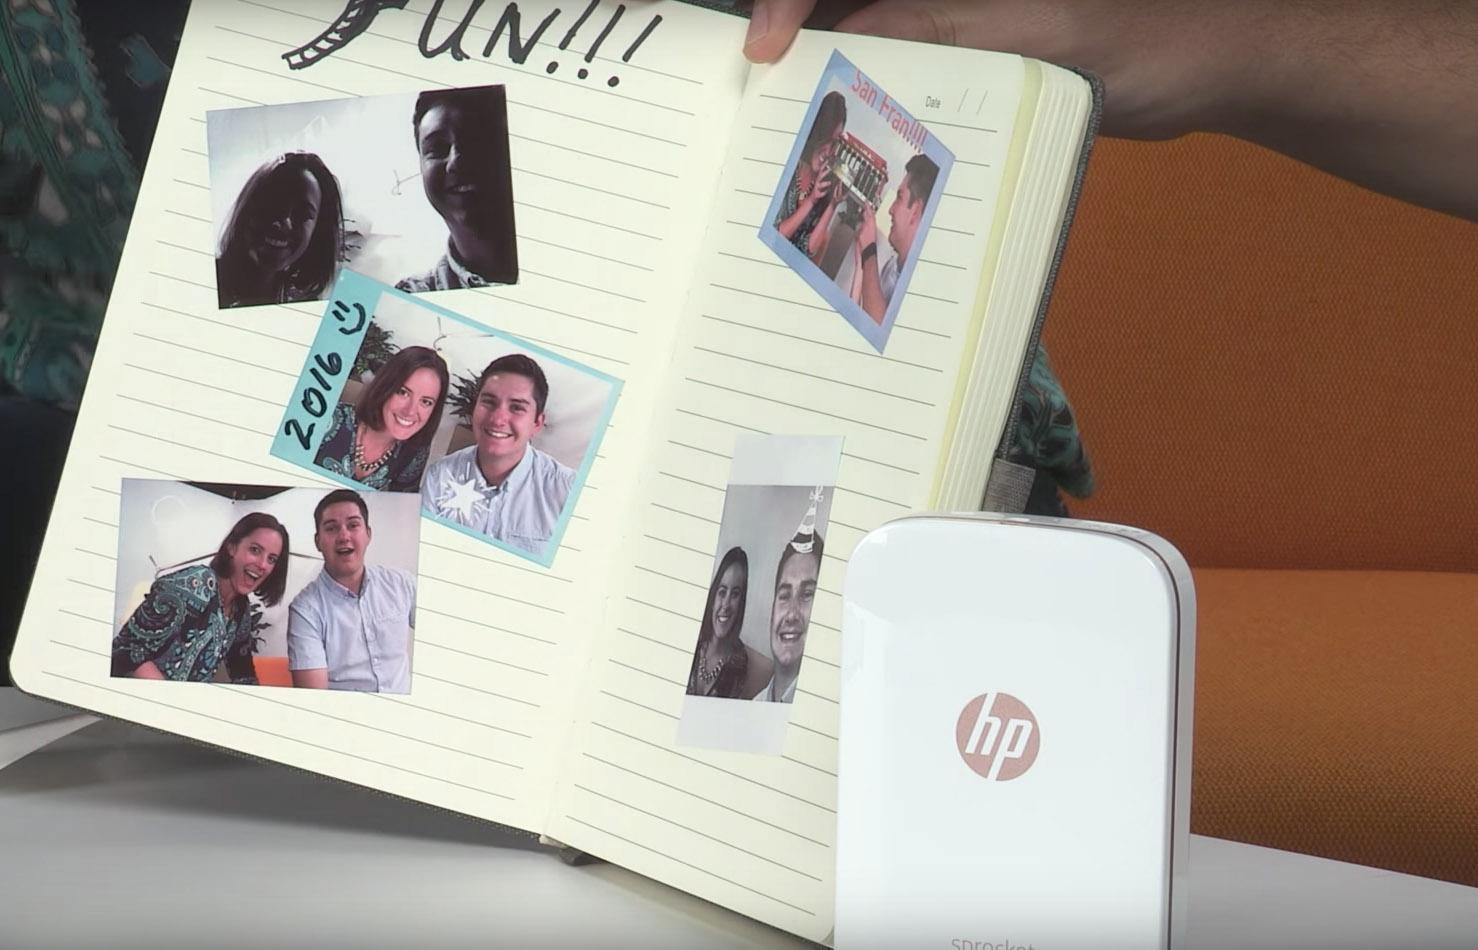 digitale billeder til papirbilleder